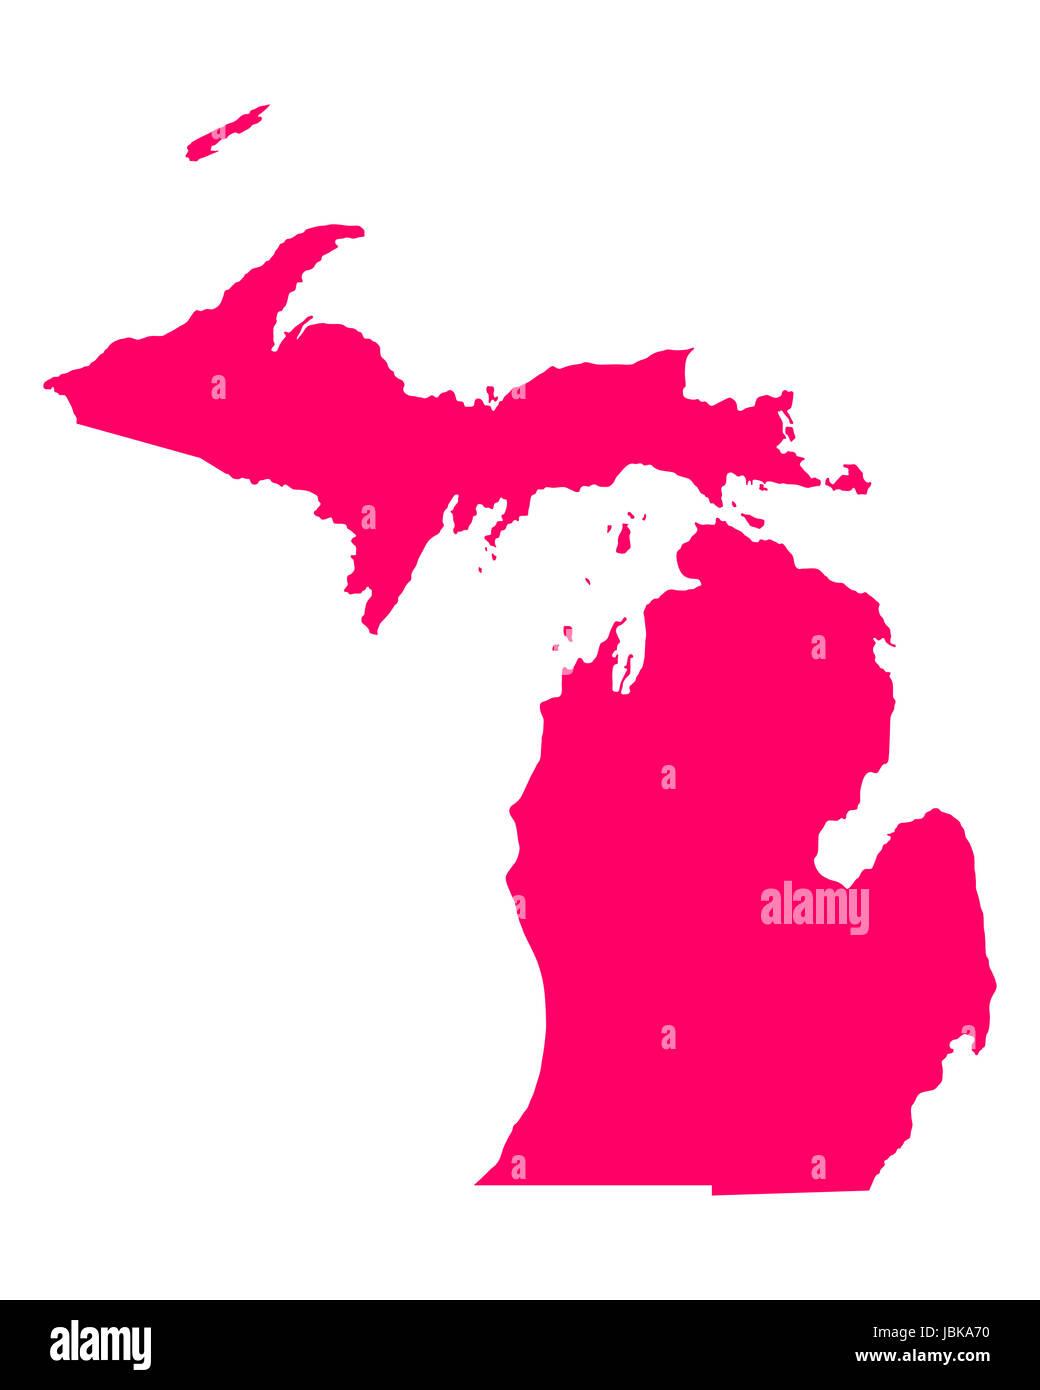 Karte von Michigan - Stock Image